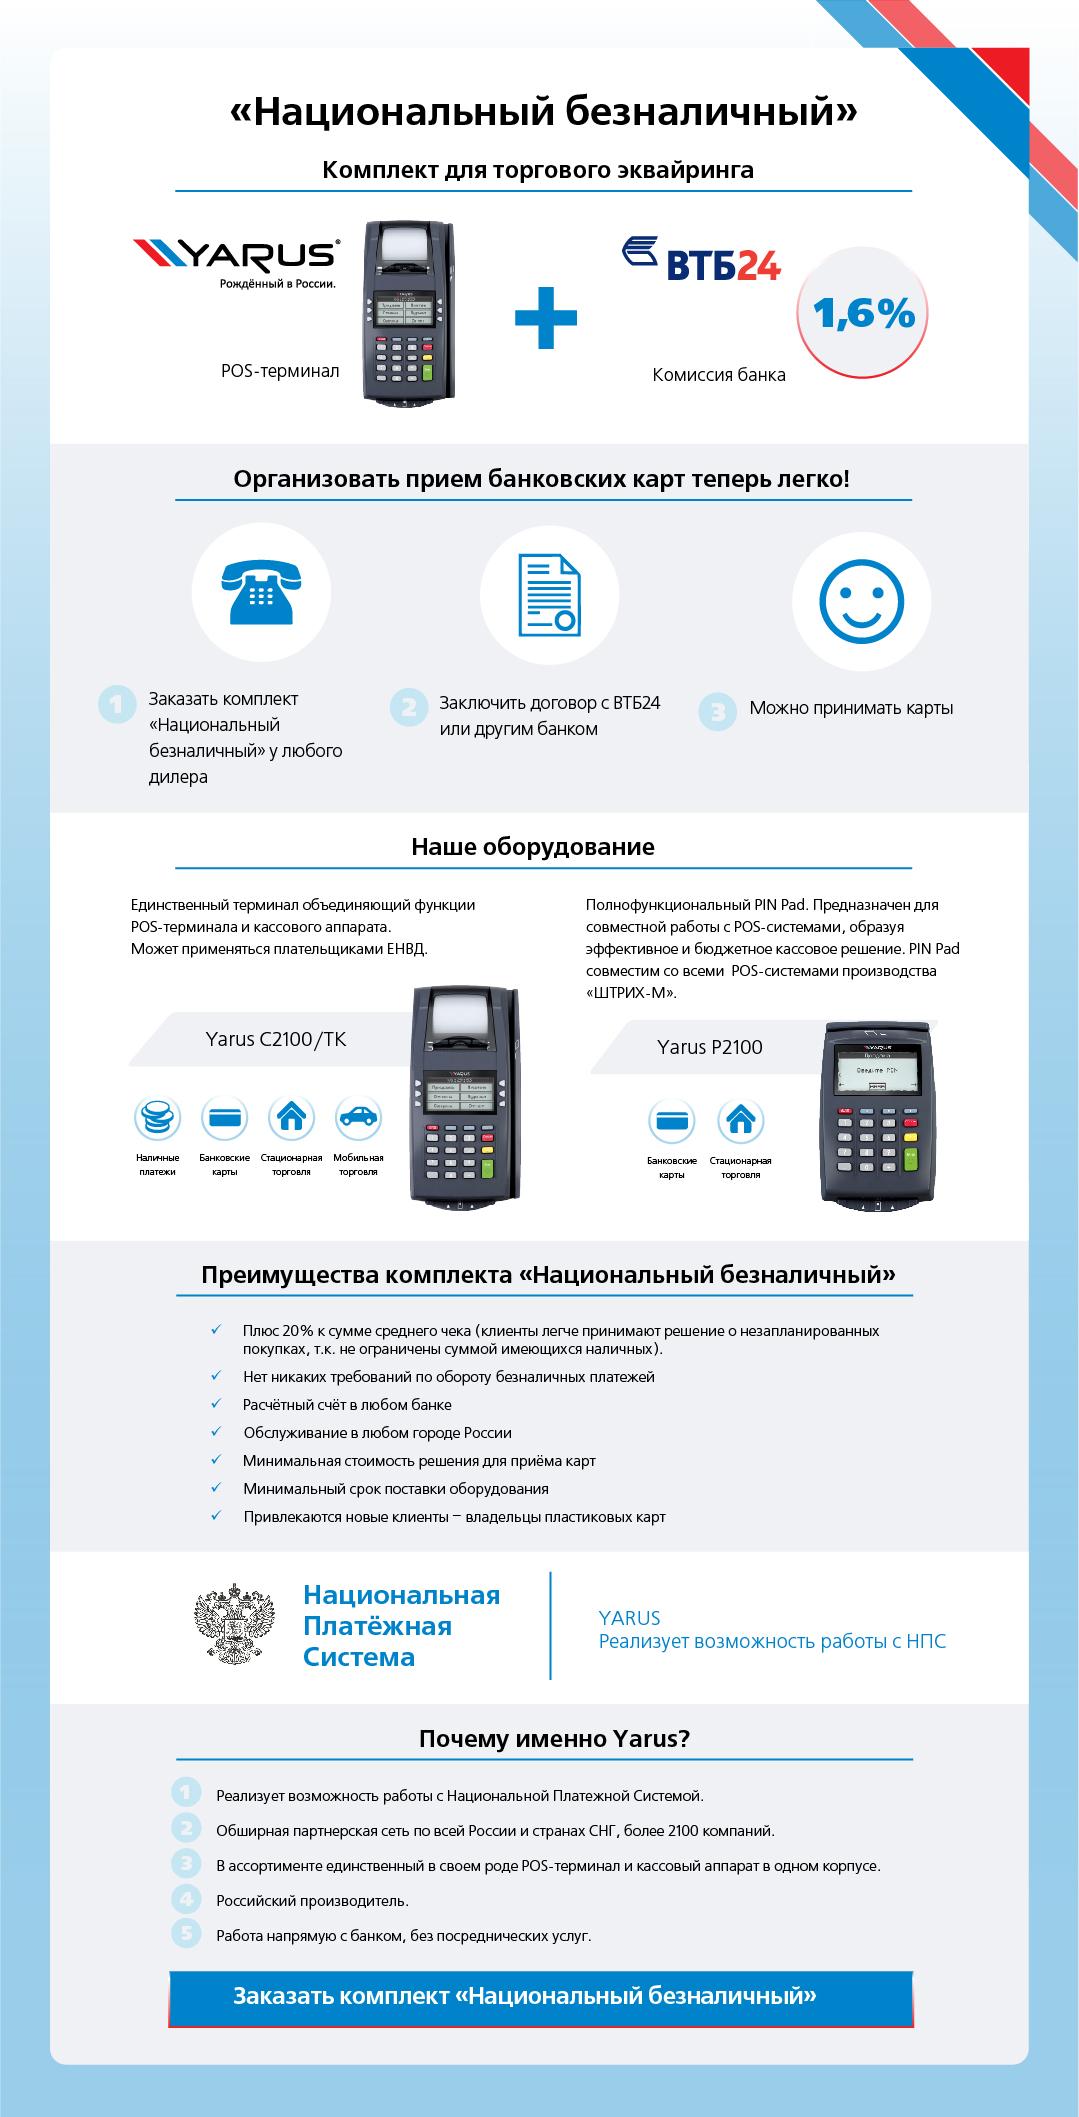 Калькулятор досрочного погашения кредита ВТБ 24 32